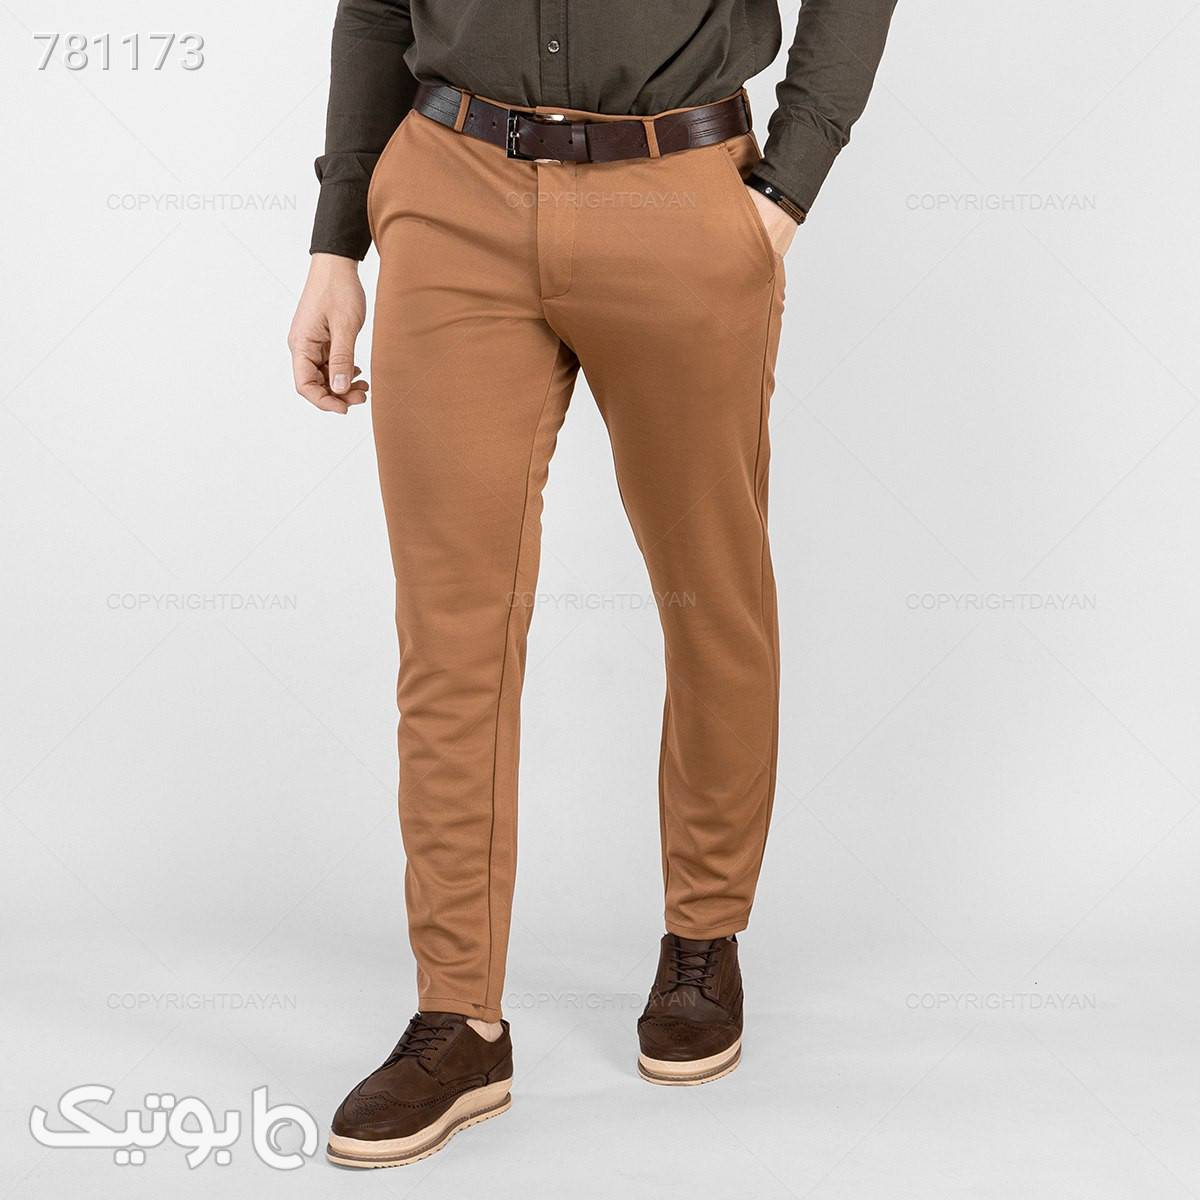 شلوار مردانه ایماز  سورمه ای شلوار مردانه پارچه ای و کتان مردانه